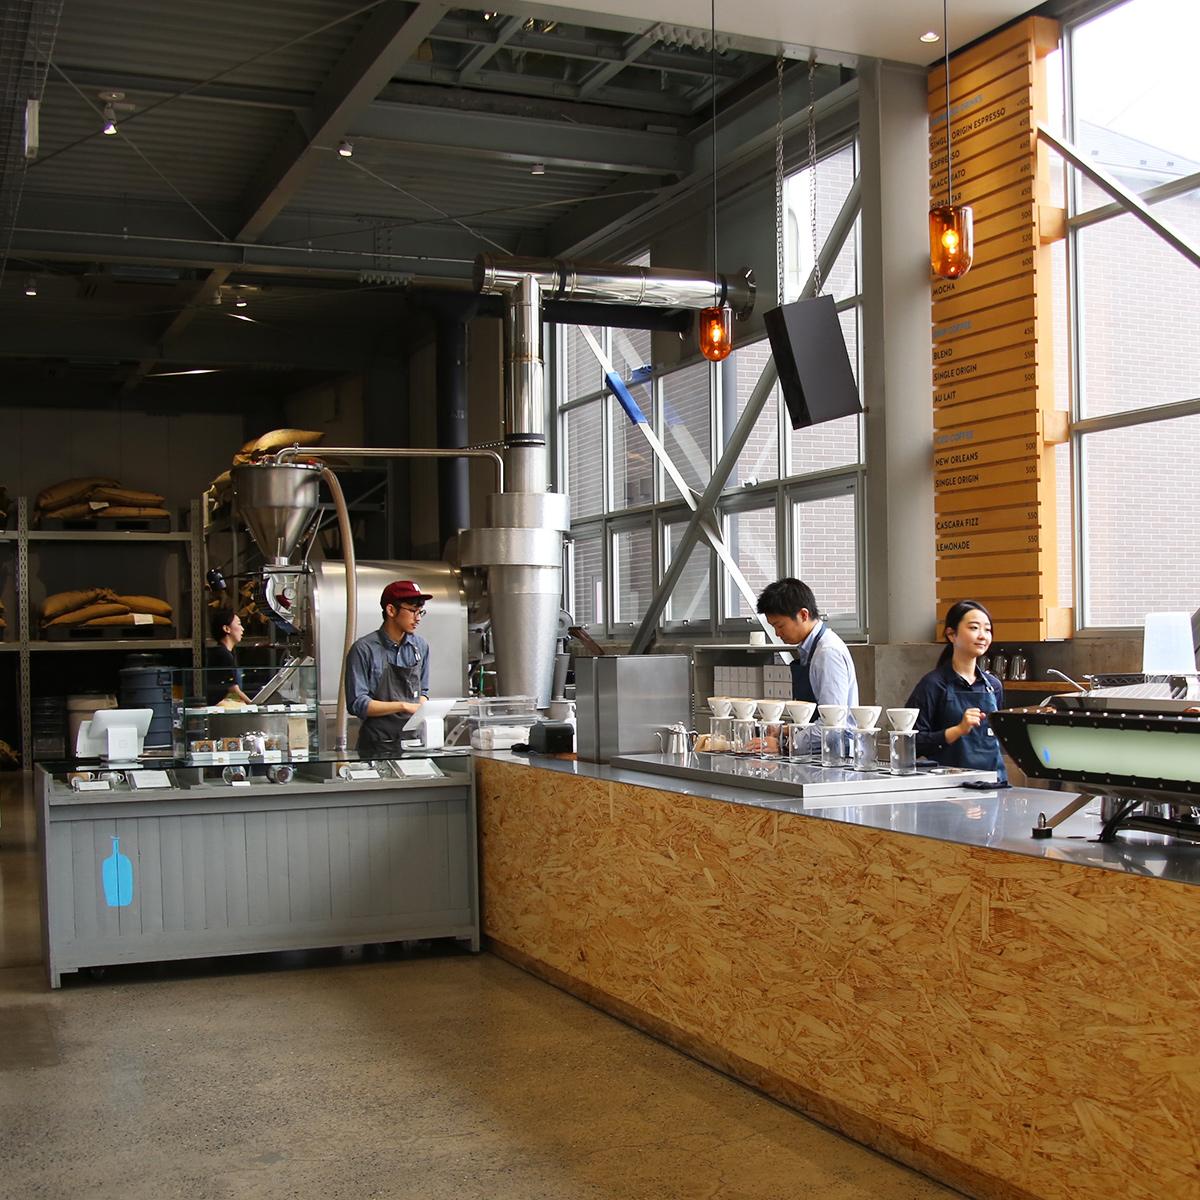 店の奥にはコーヒー豆を煎る焙煎機が見える。